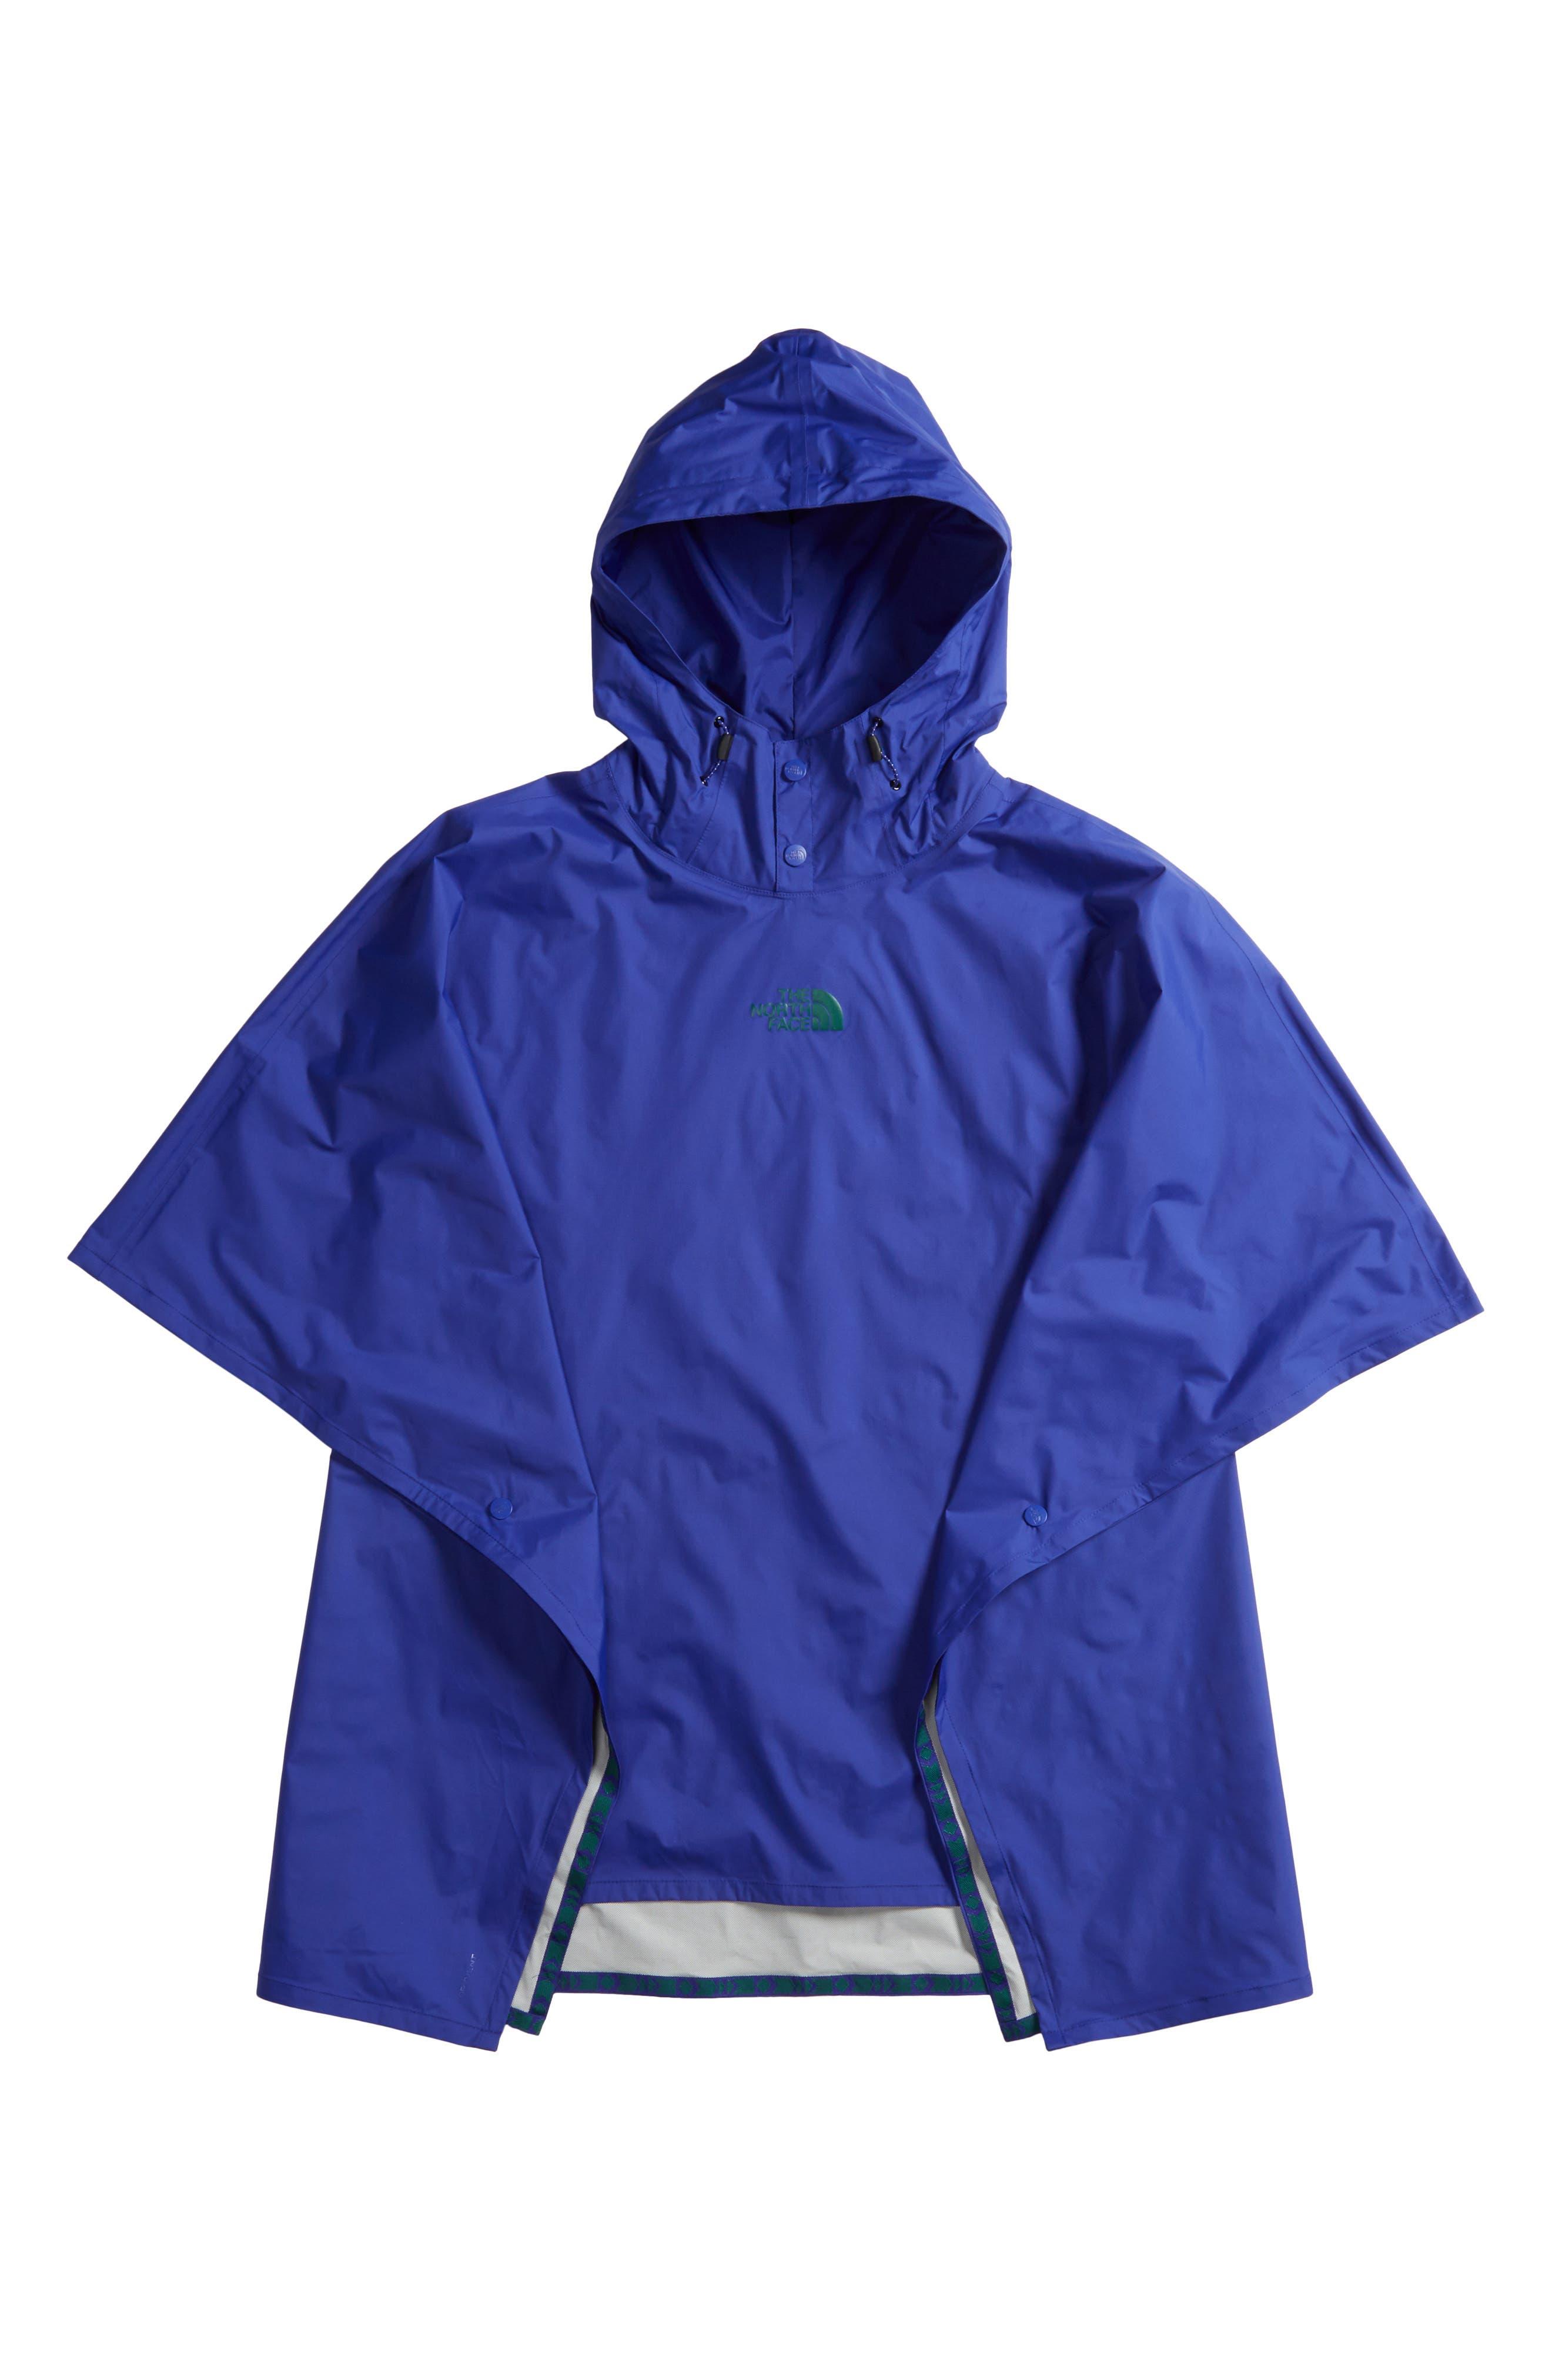 Unisex Rain Poncho,                         Main,                         color, Lapis Blue